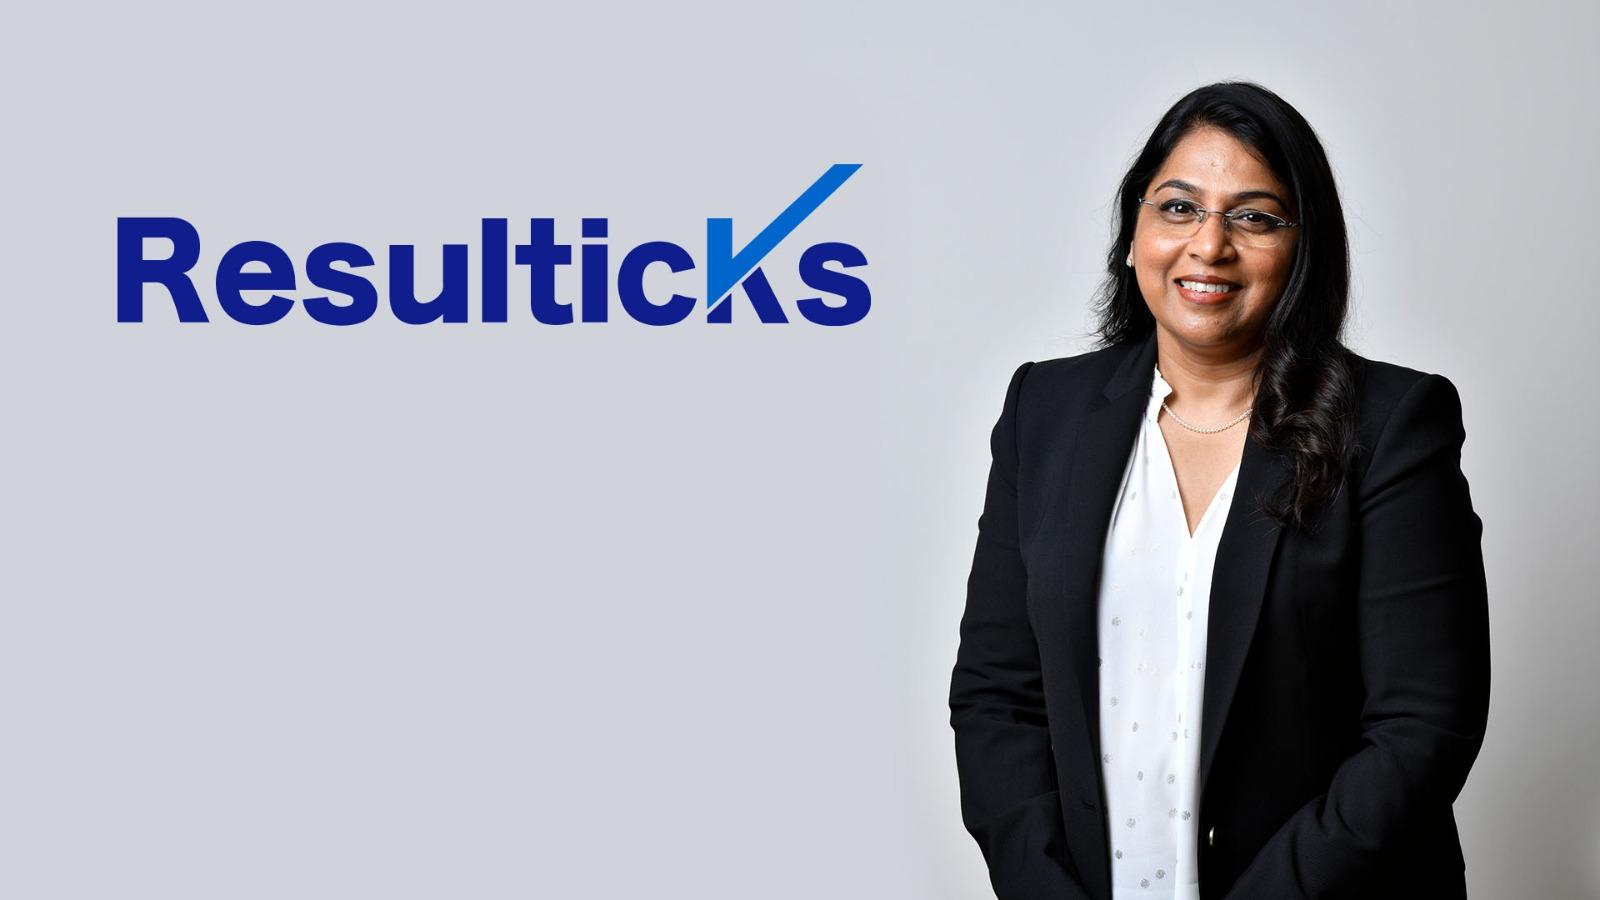 รีซัลทิคส์ แพลตฟอร์มเดียวในเอเชียถูกคัดเลือกให้เป็นผู้นำด้าน Multichannel Marketing Hubs ในรายงานเมจิกควอแดรนท์ปีที่ 4 ติดต่อกัน